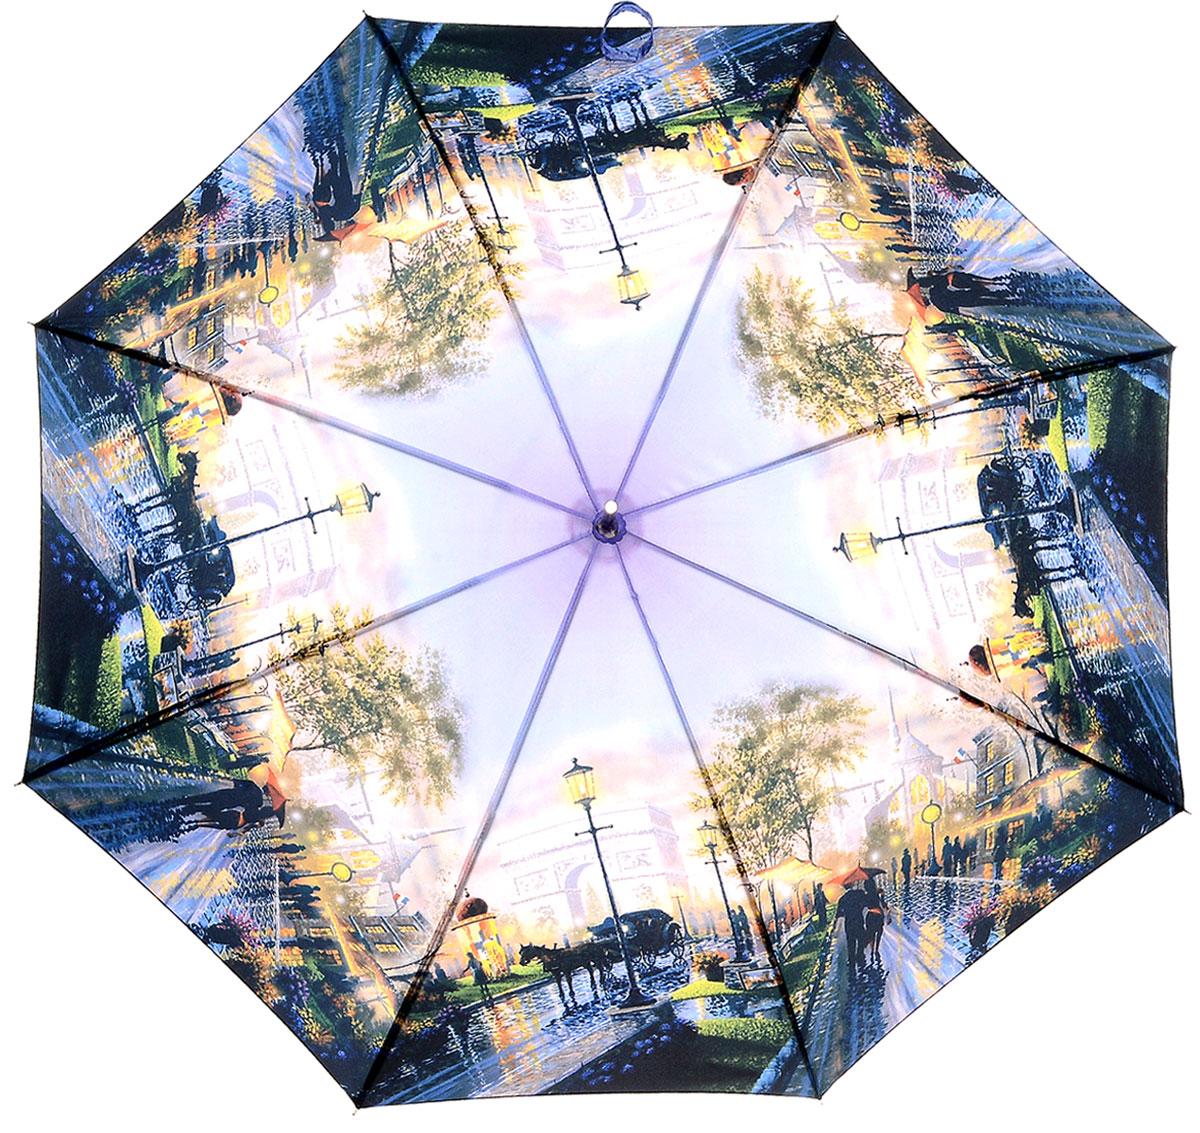 Зонт женский Эврика, цвет: синий, сиреневый. 9750297502Большой полуавтоматический зонт-трость с изображением городского пейзажа – это стильный аксессуар, подходящий как дамам, так и джентльменам. Знаменитые виды Парижа, запечатленные талантливой рукой художника-декоратора, принесут толику романтики и хорошего настроения даже в ненастную погоду. Качественный материал купола с влагоотталкивающей пропиткой спасёт от ливня, а крепкие спицы не поддадутся упрямому ветру.